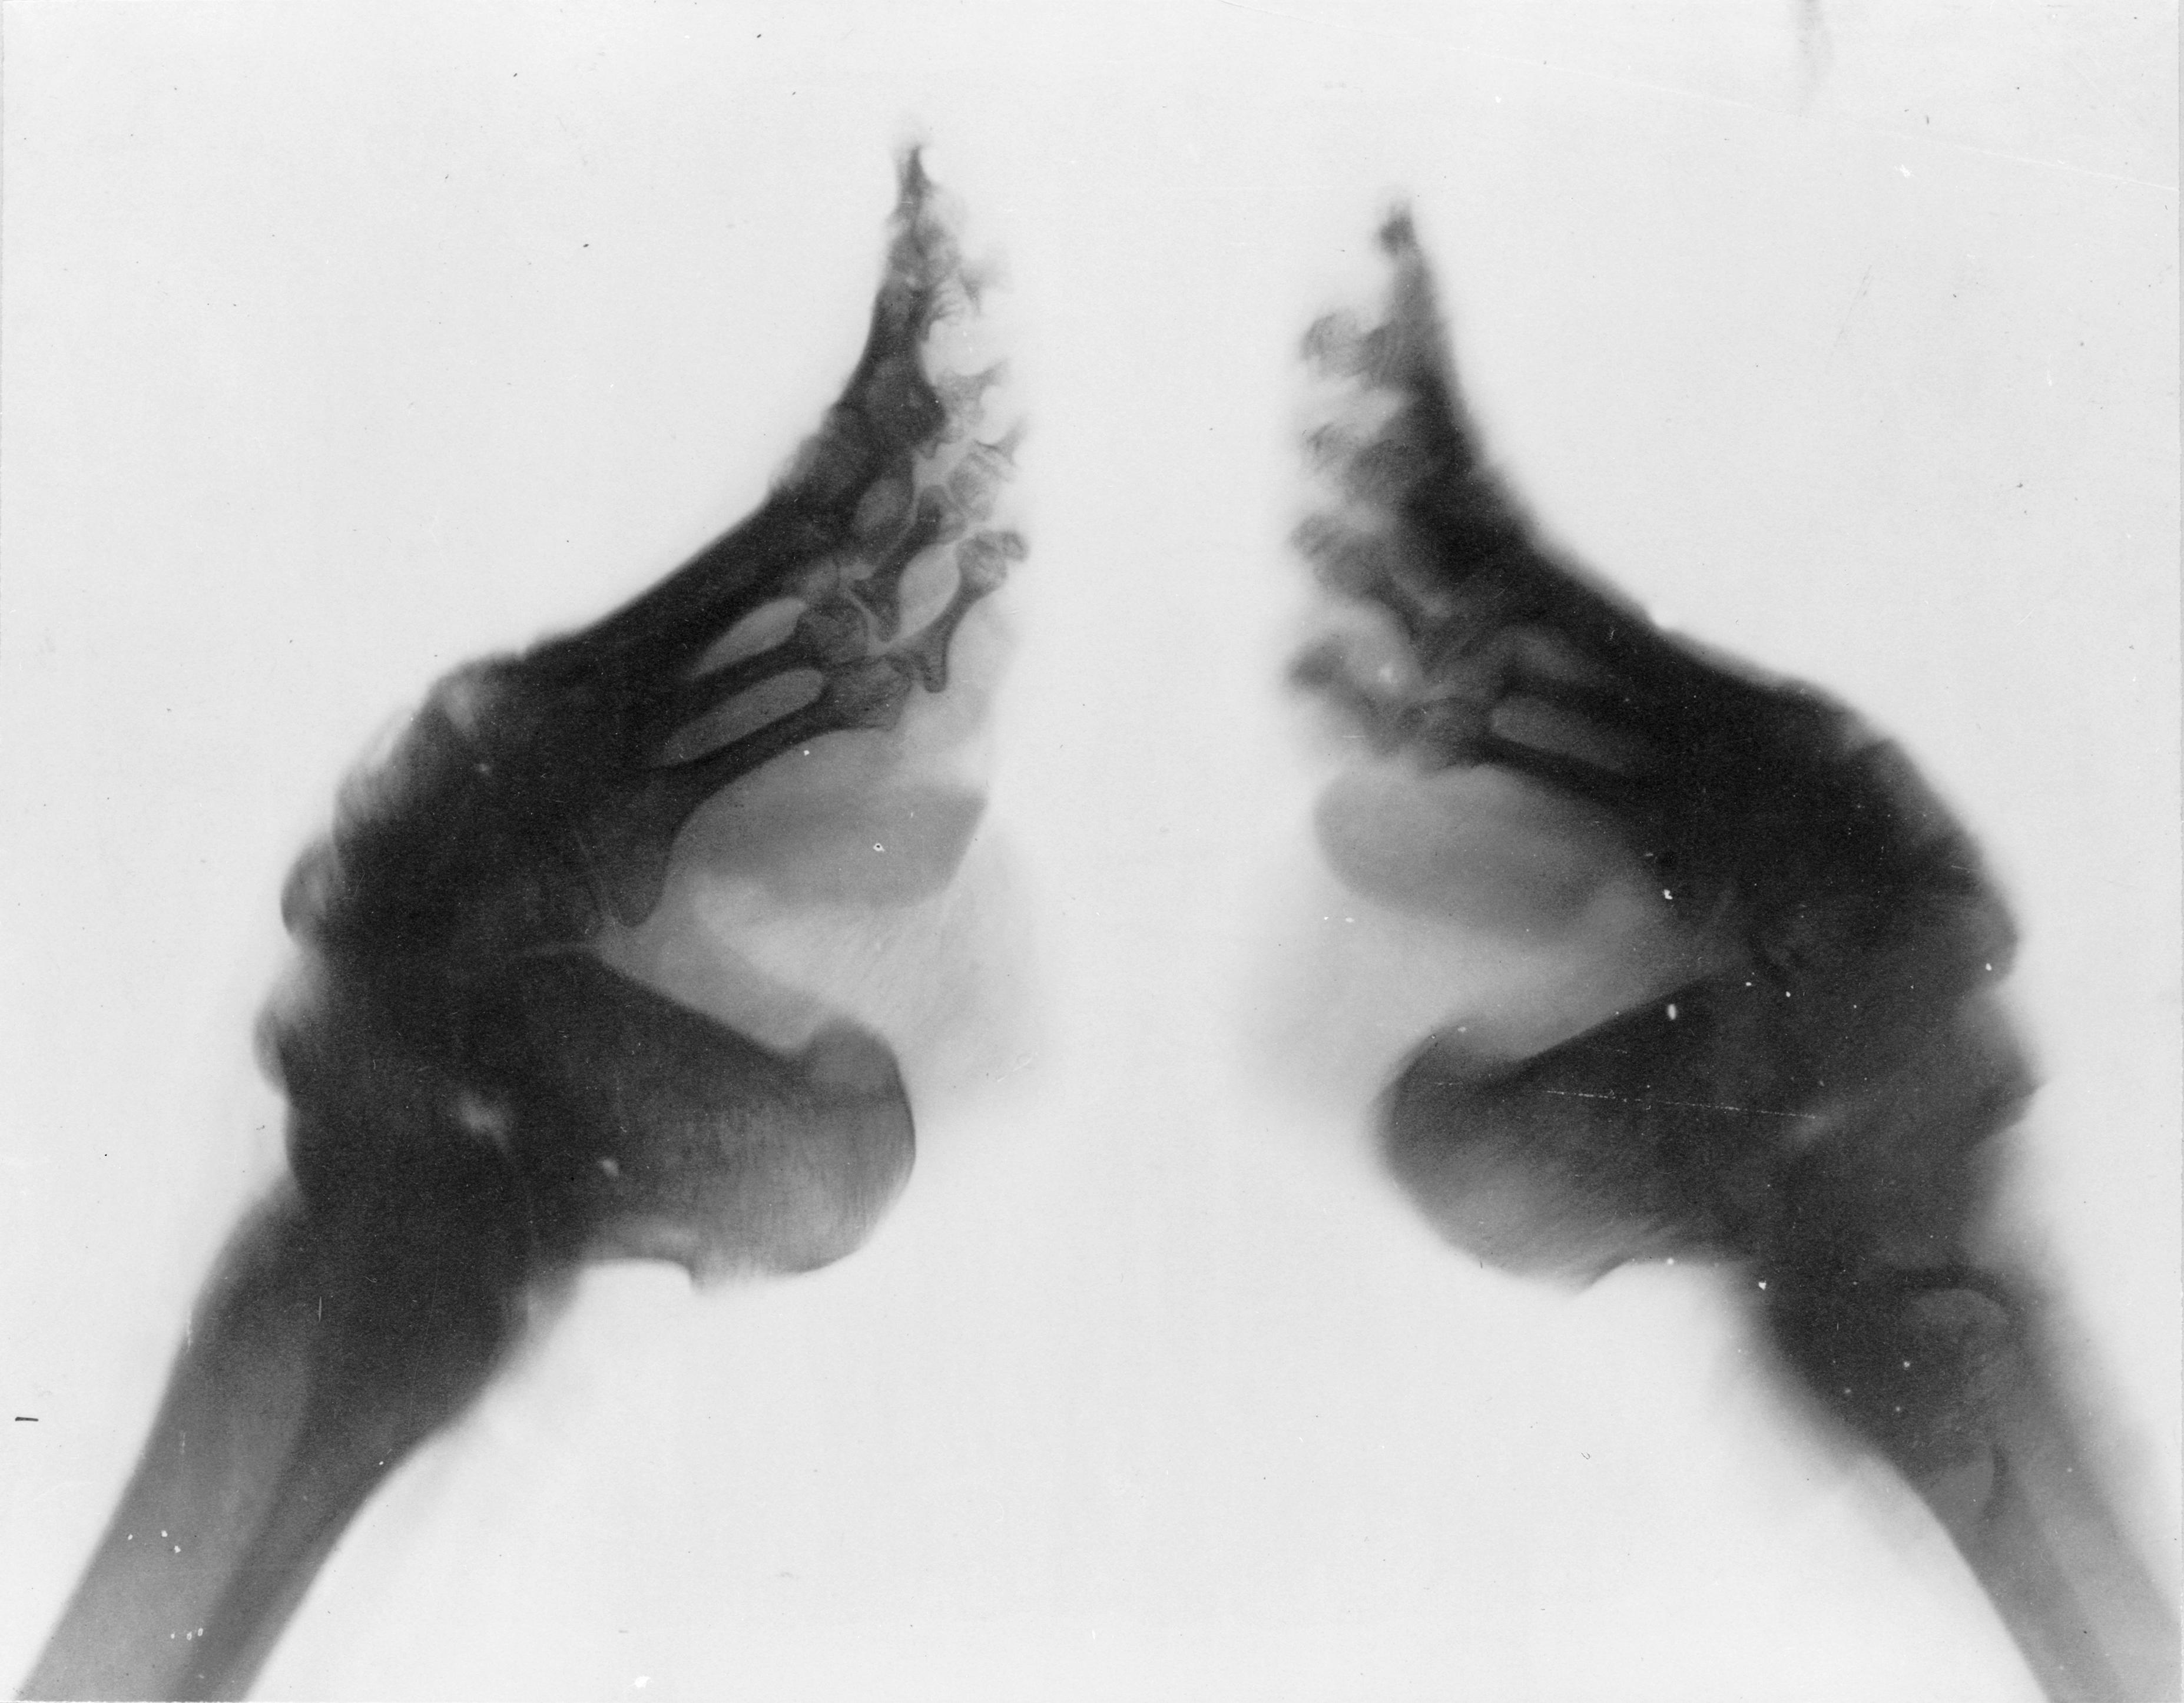 Témoignage sur le bandage des pieds